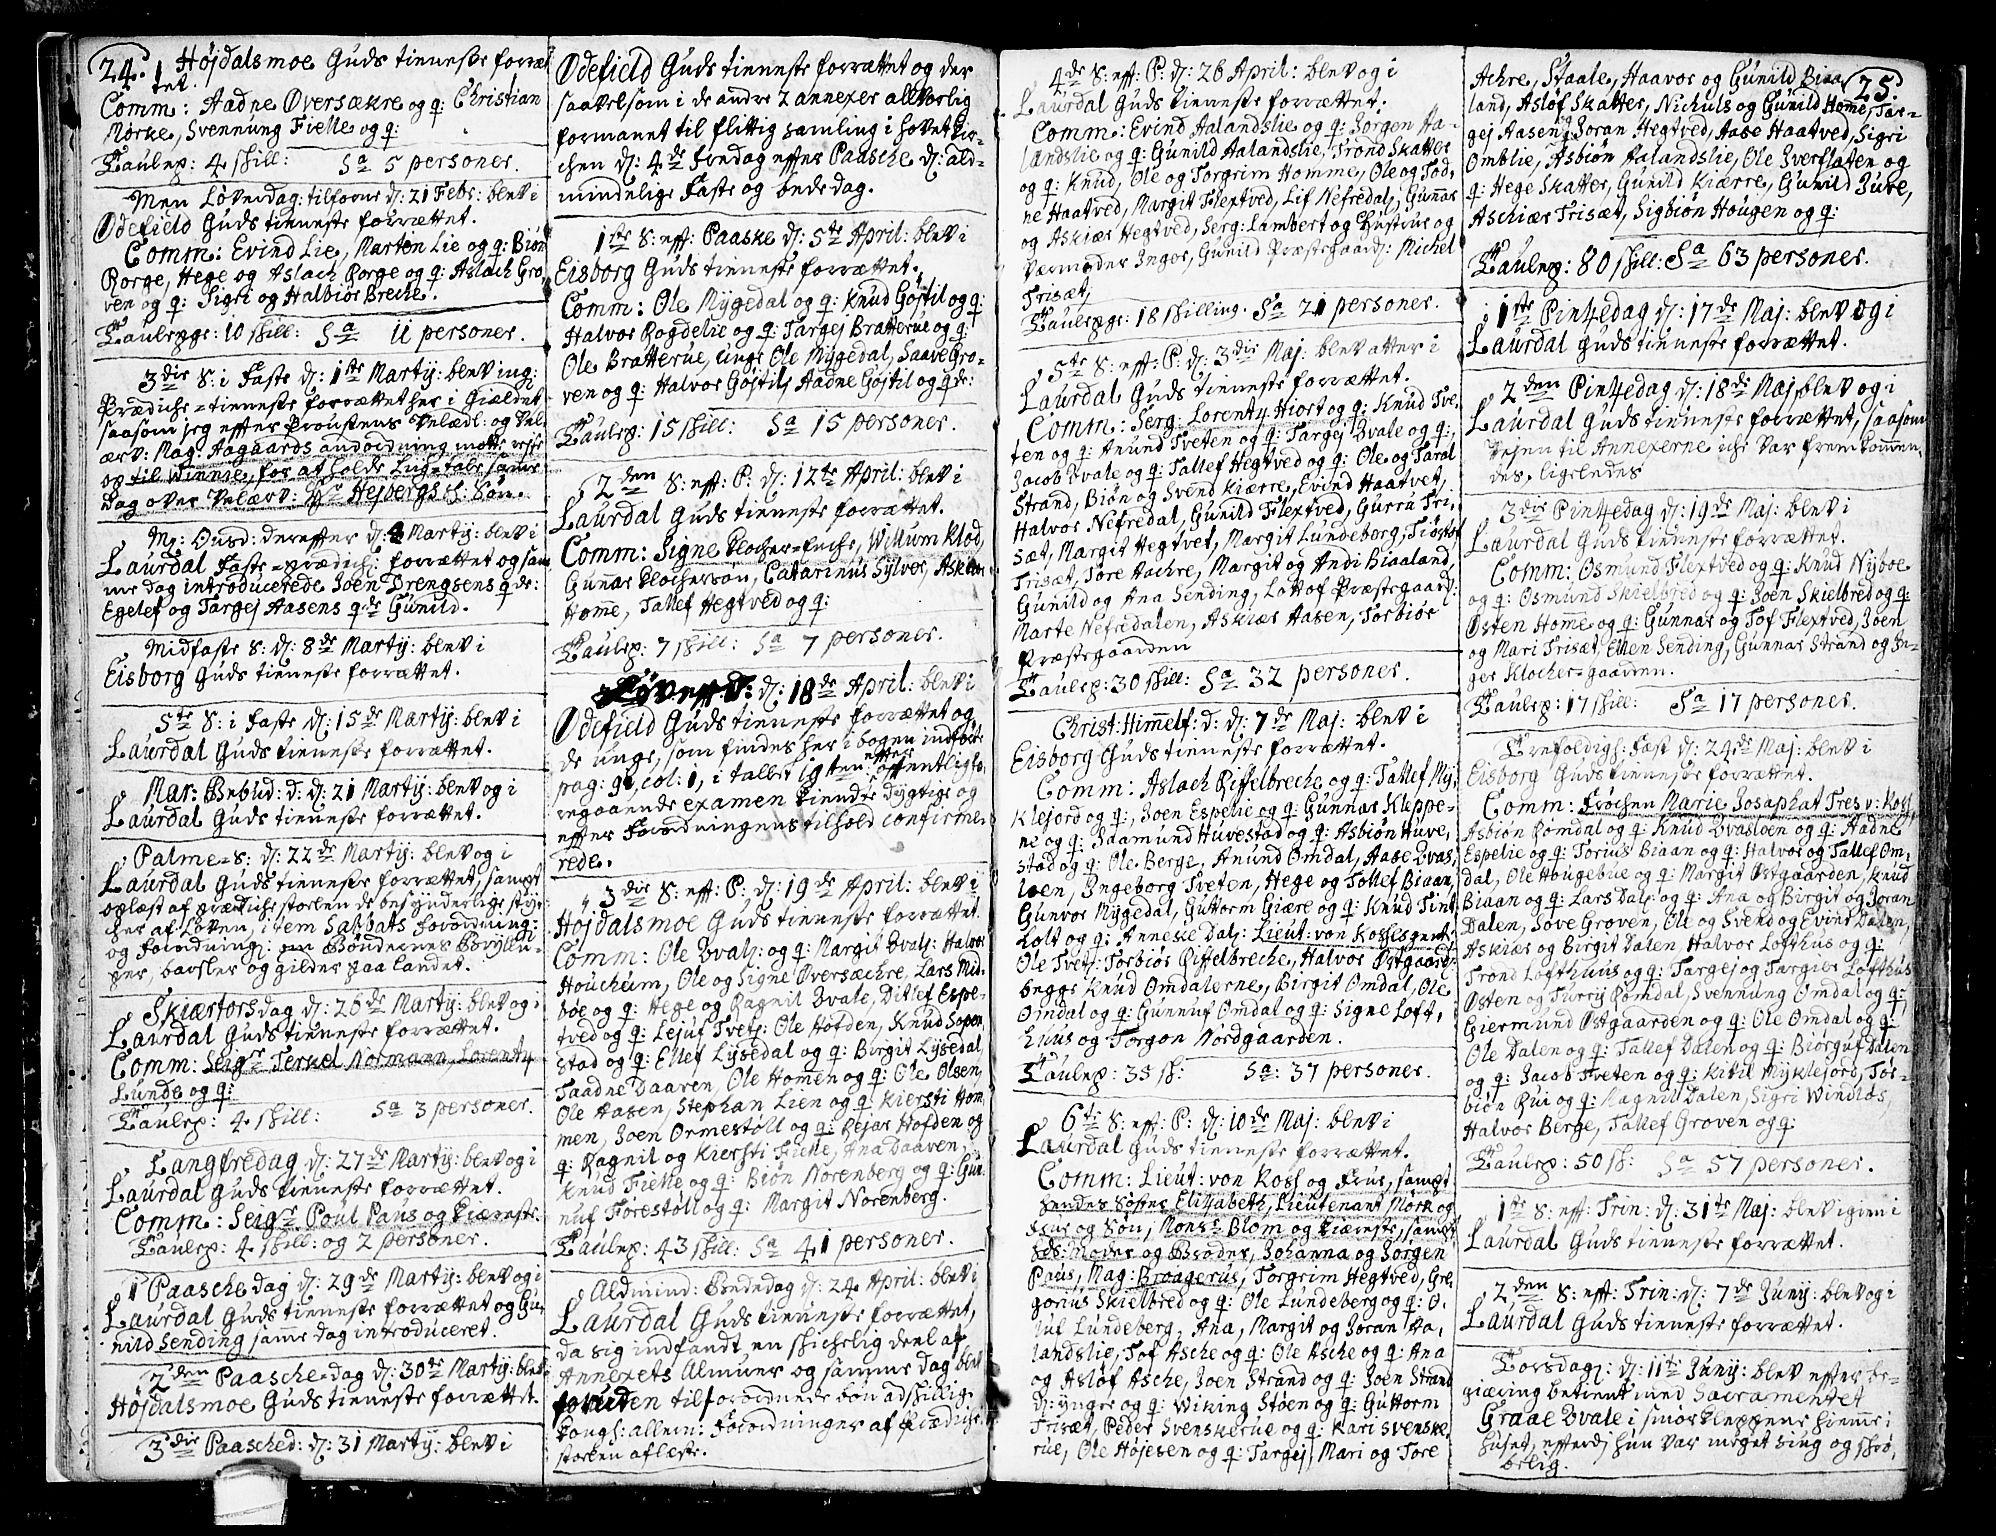 SAKO, Lårdal kirkebøker, F/Fa/L0002: Ministerialbok nr. I 2, 1734-1754, s. 24-25